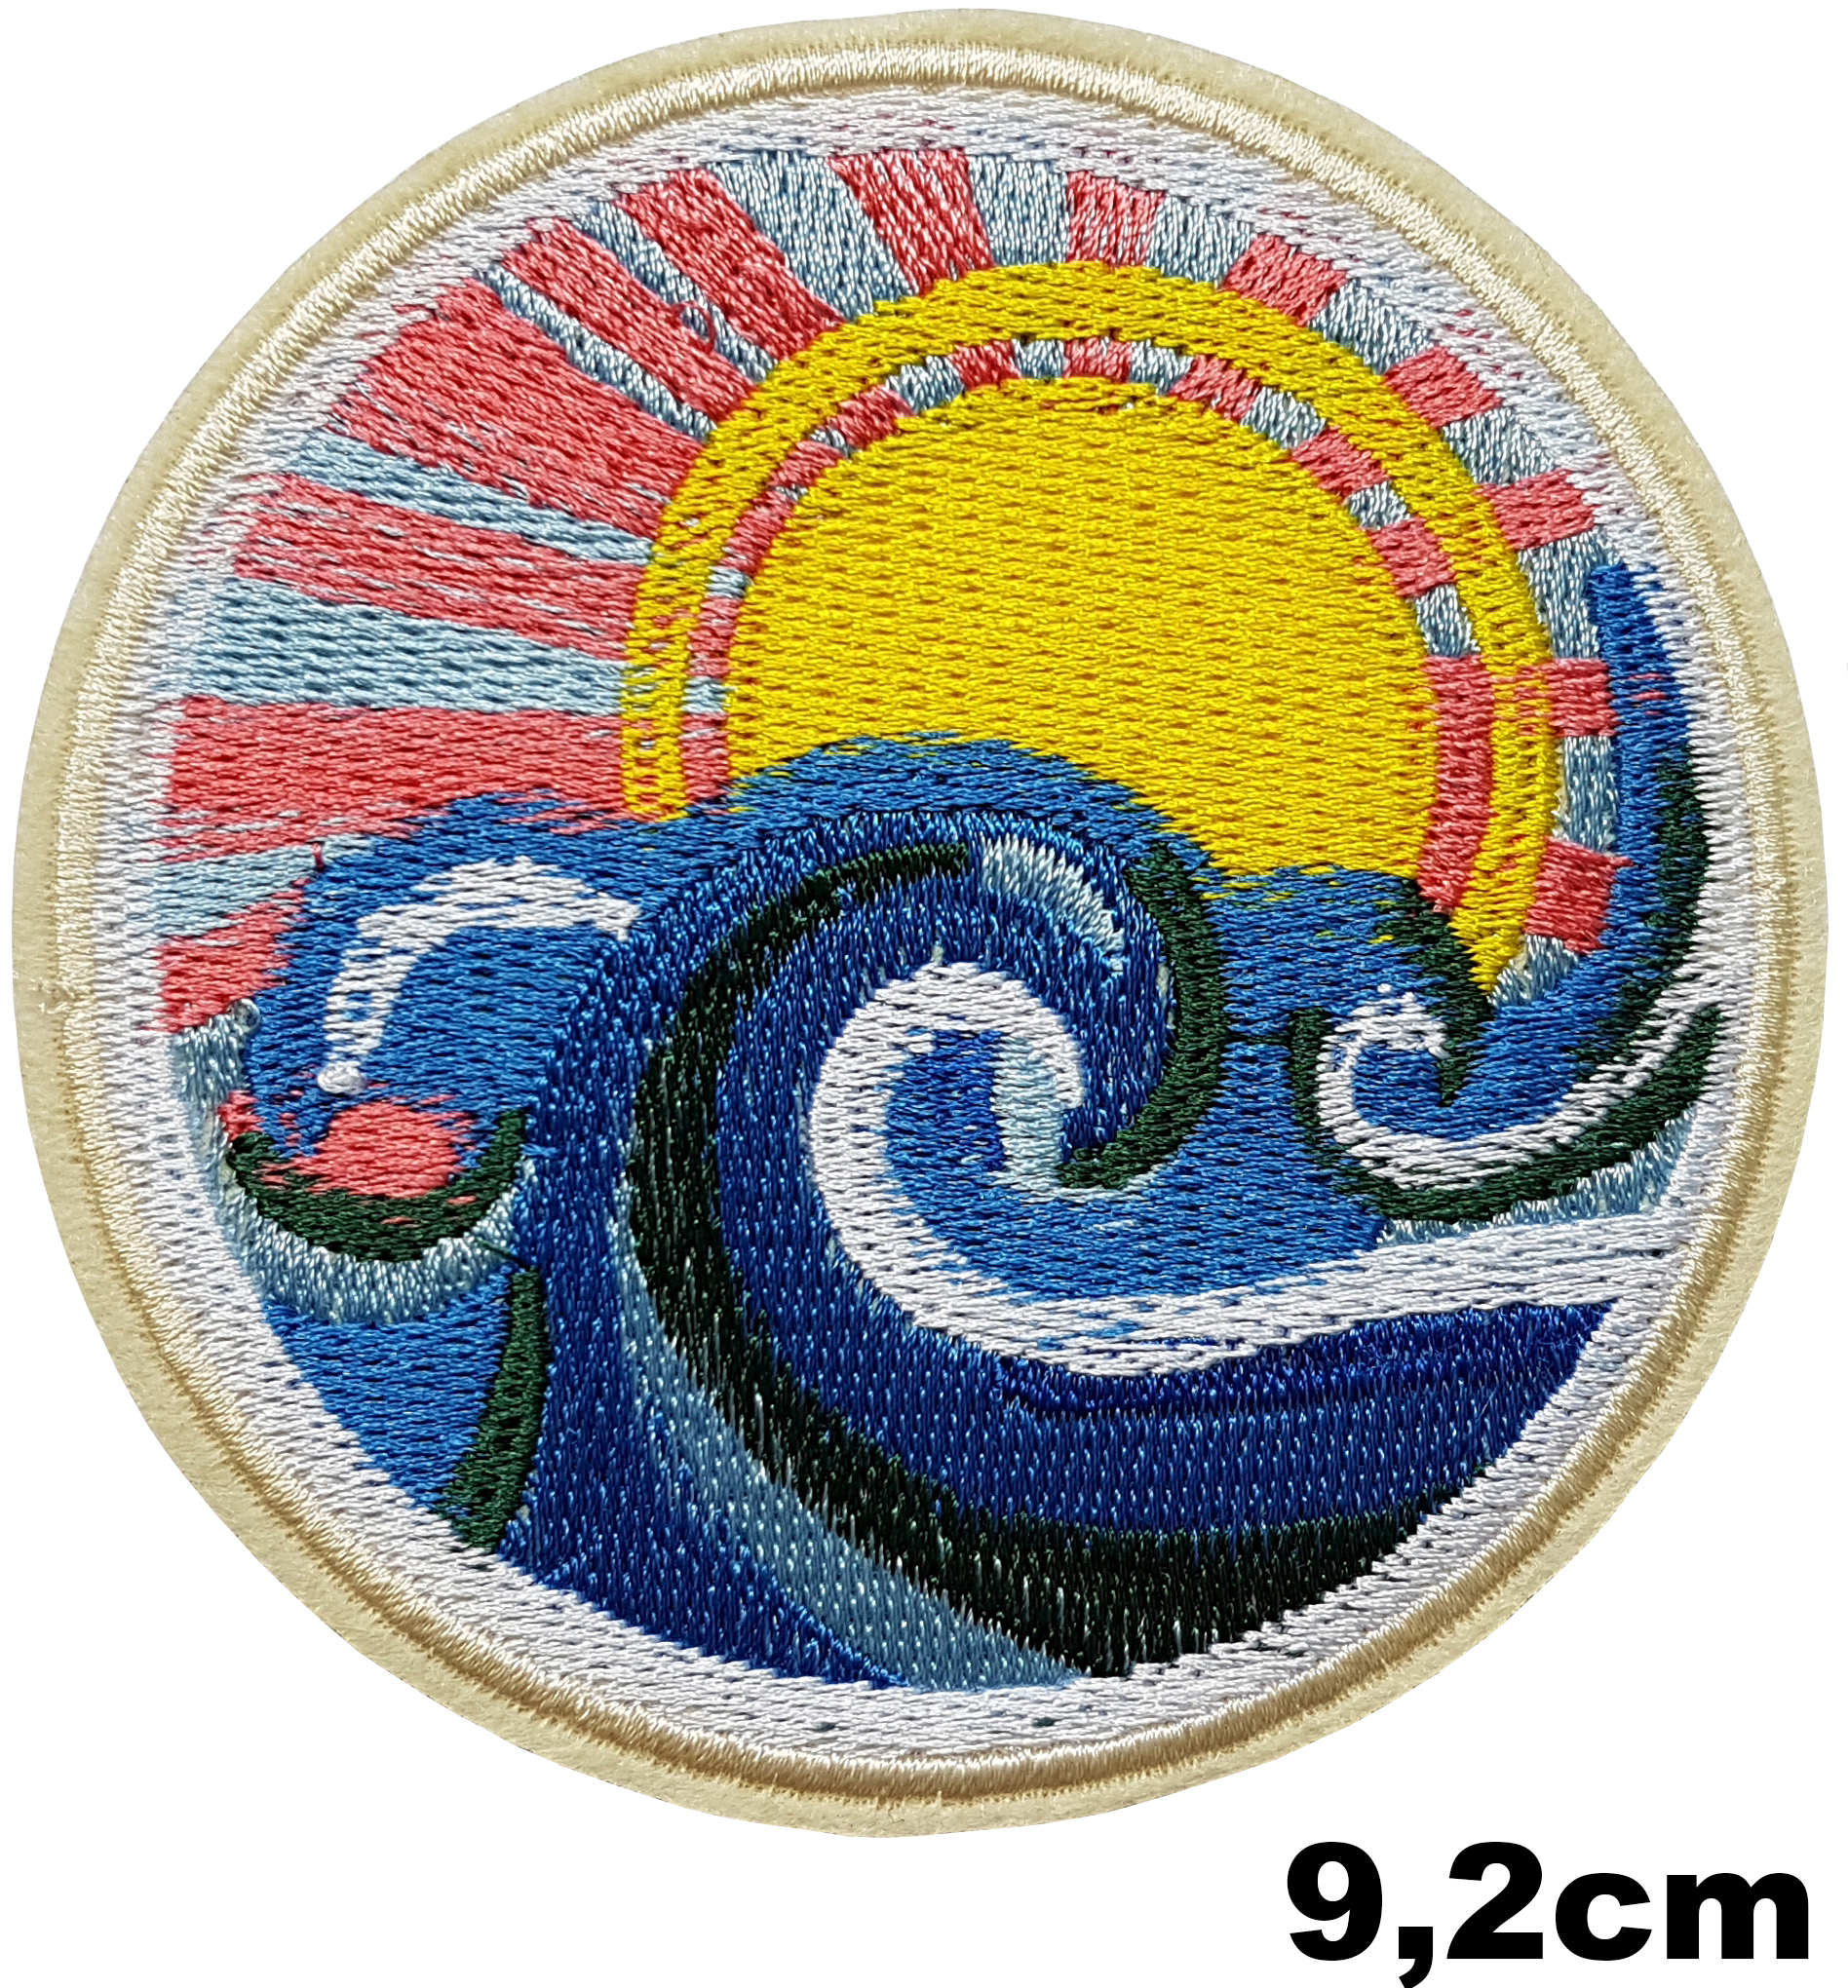 Patch Japon estampe soleil levant vague